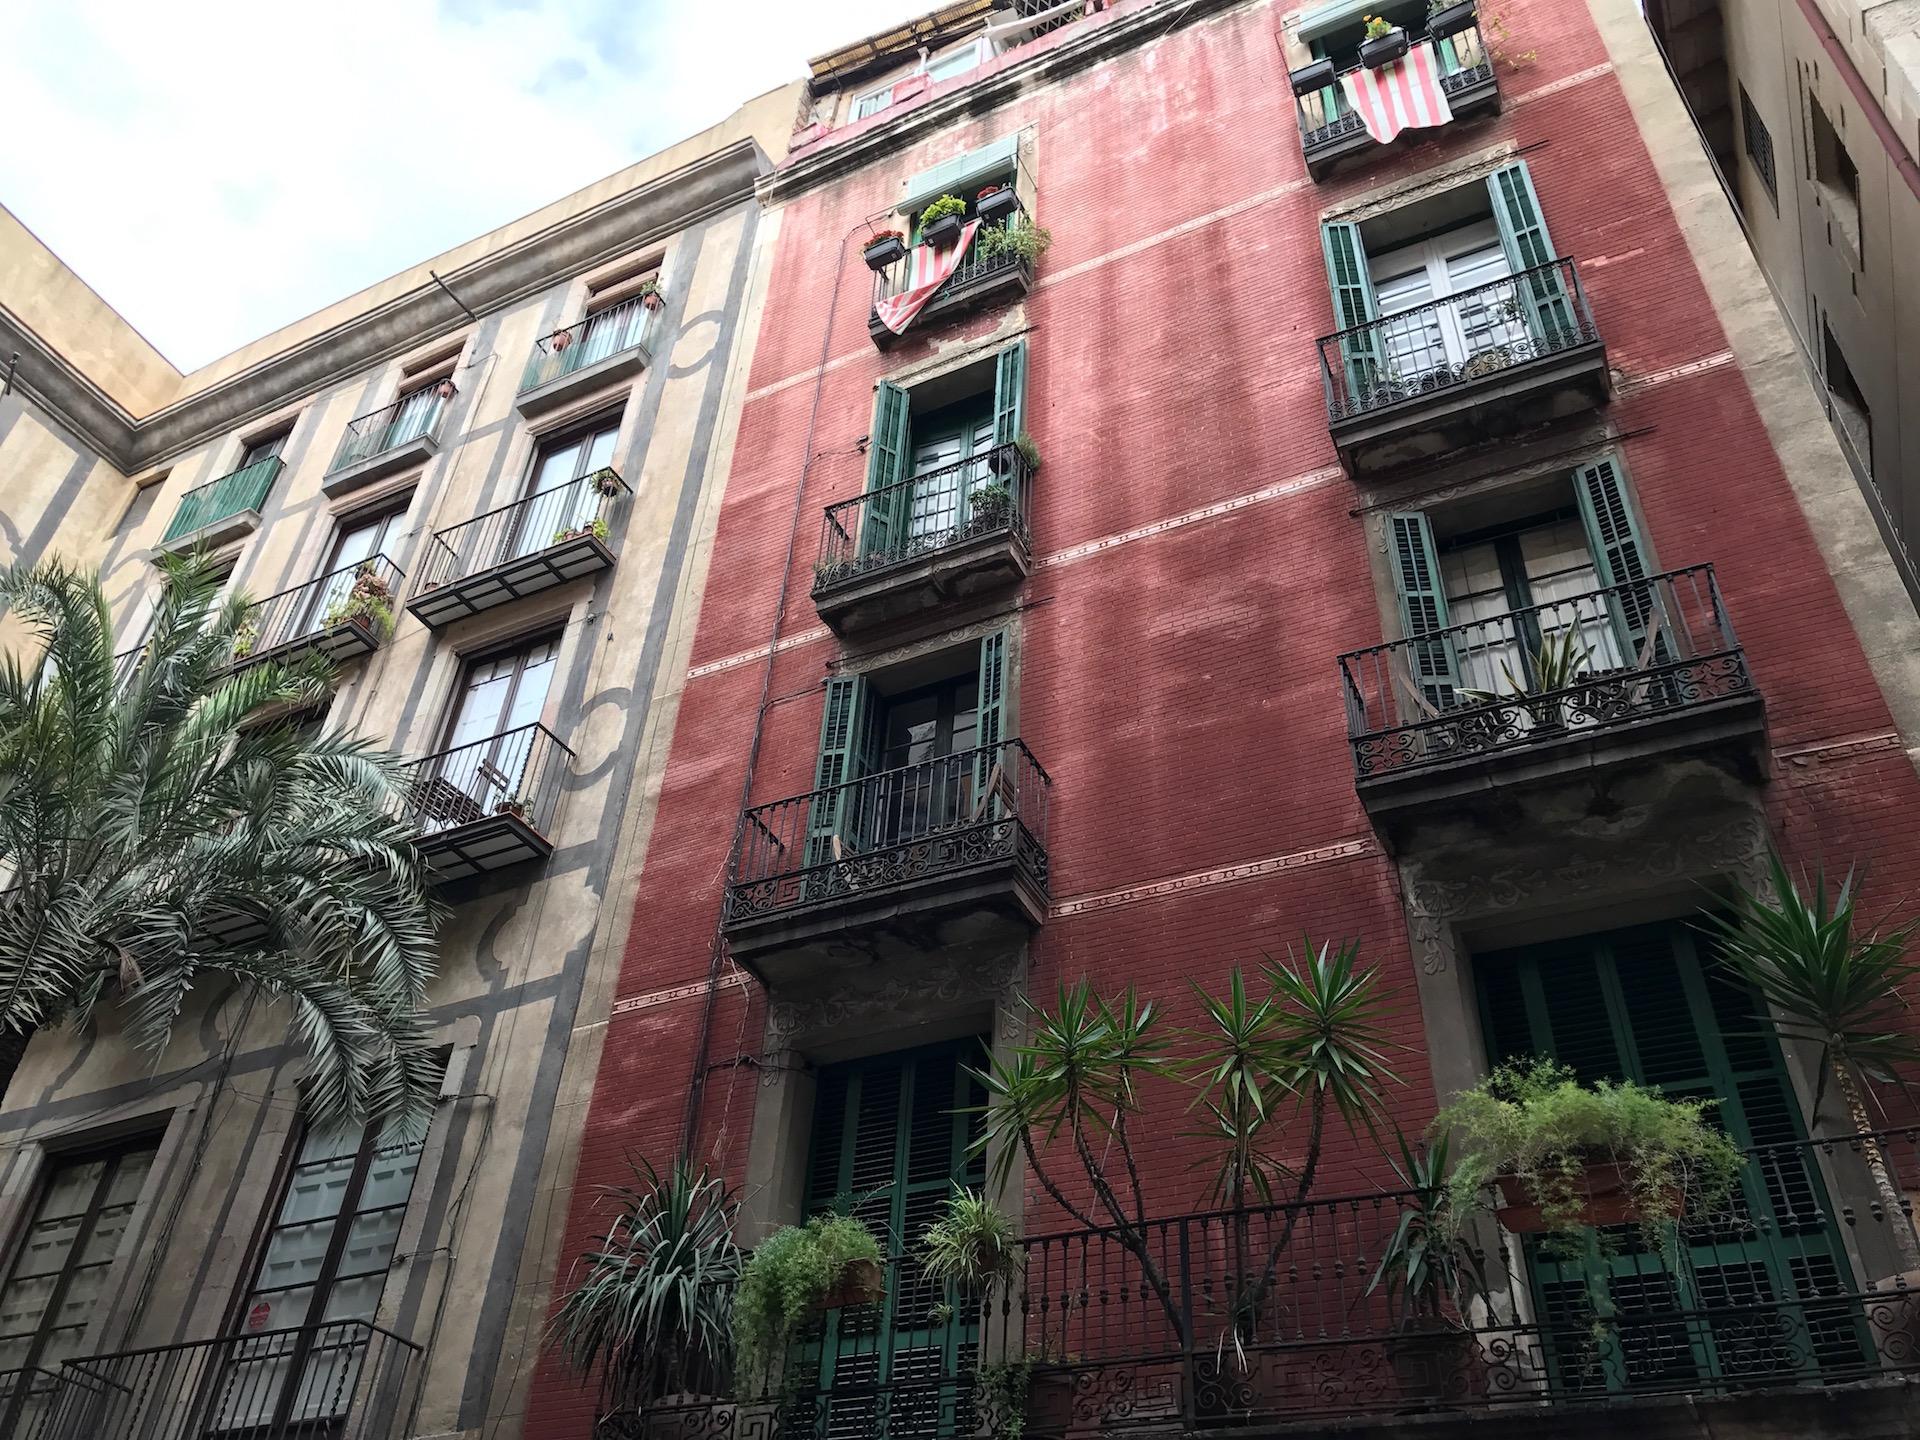 Eine der herrlichen Fassaden im Viertel El Born